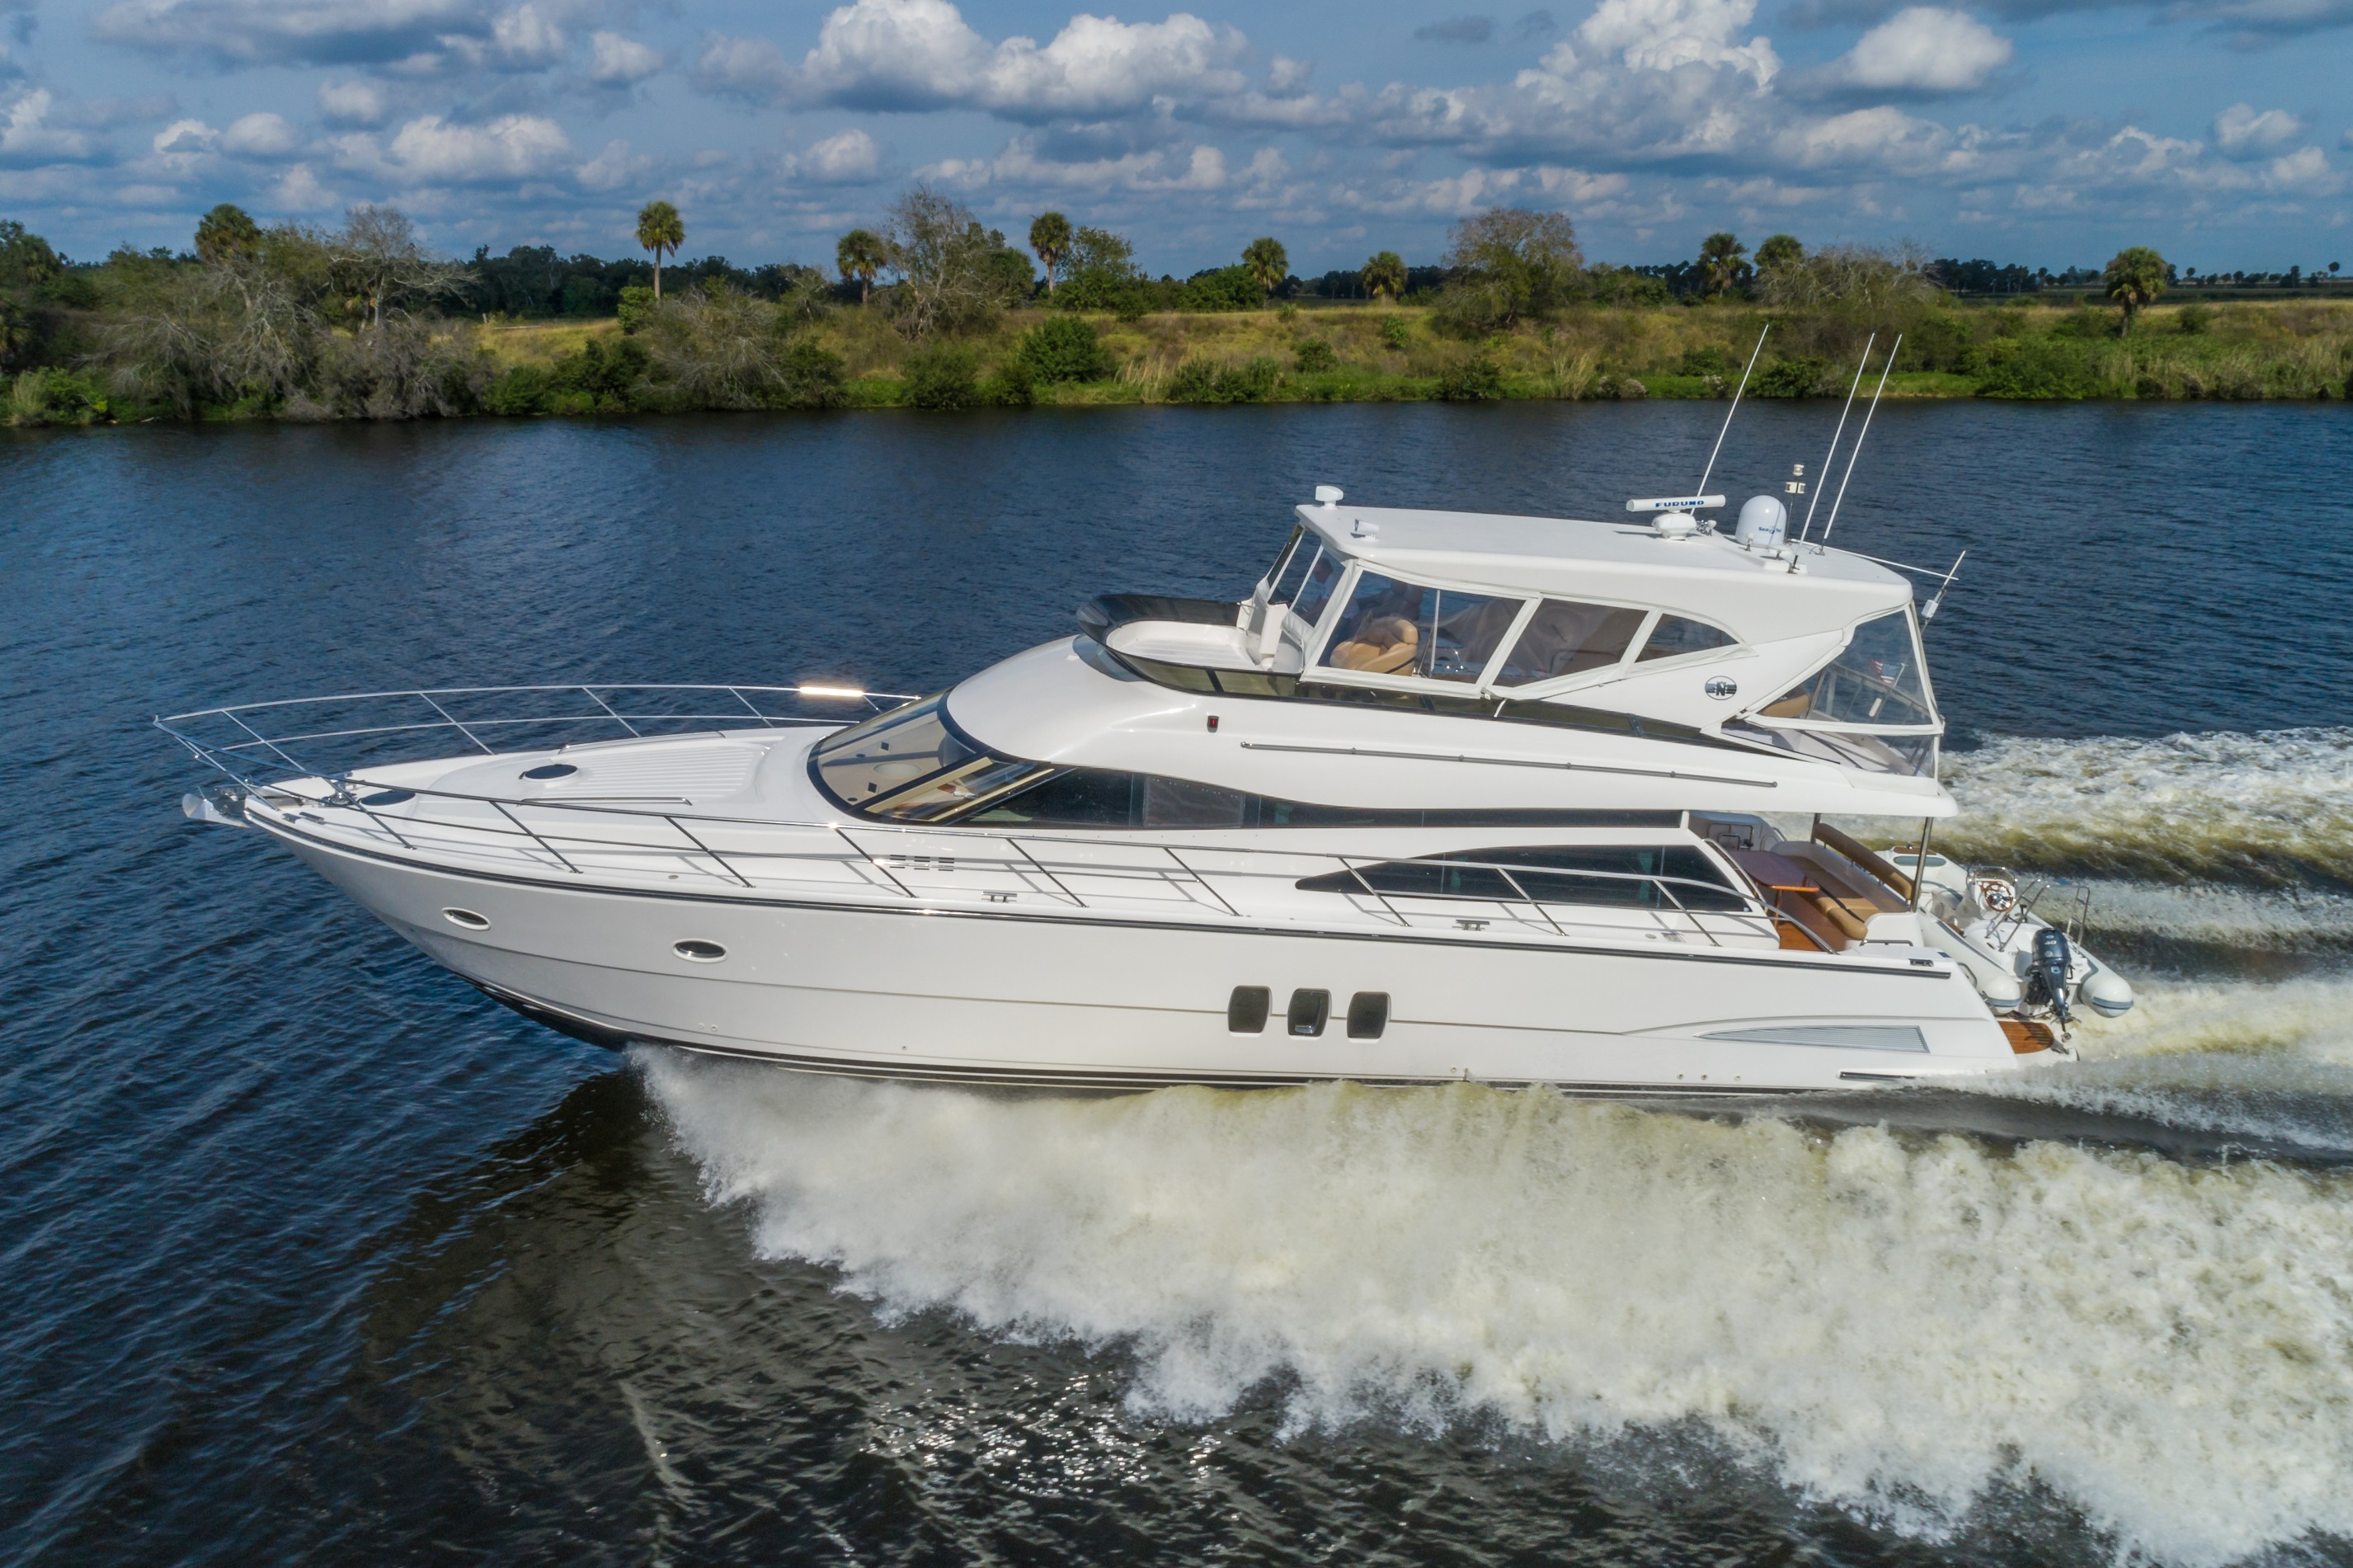 65 ft Neptunus 62 Motoryacht